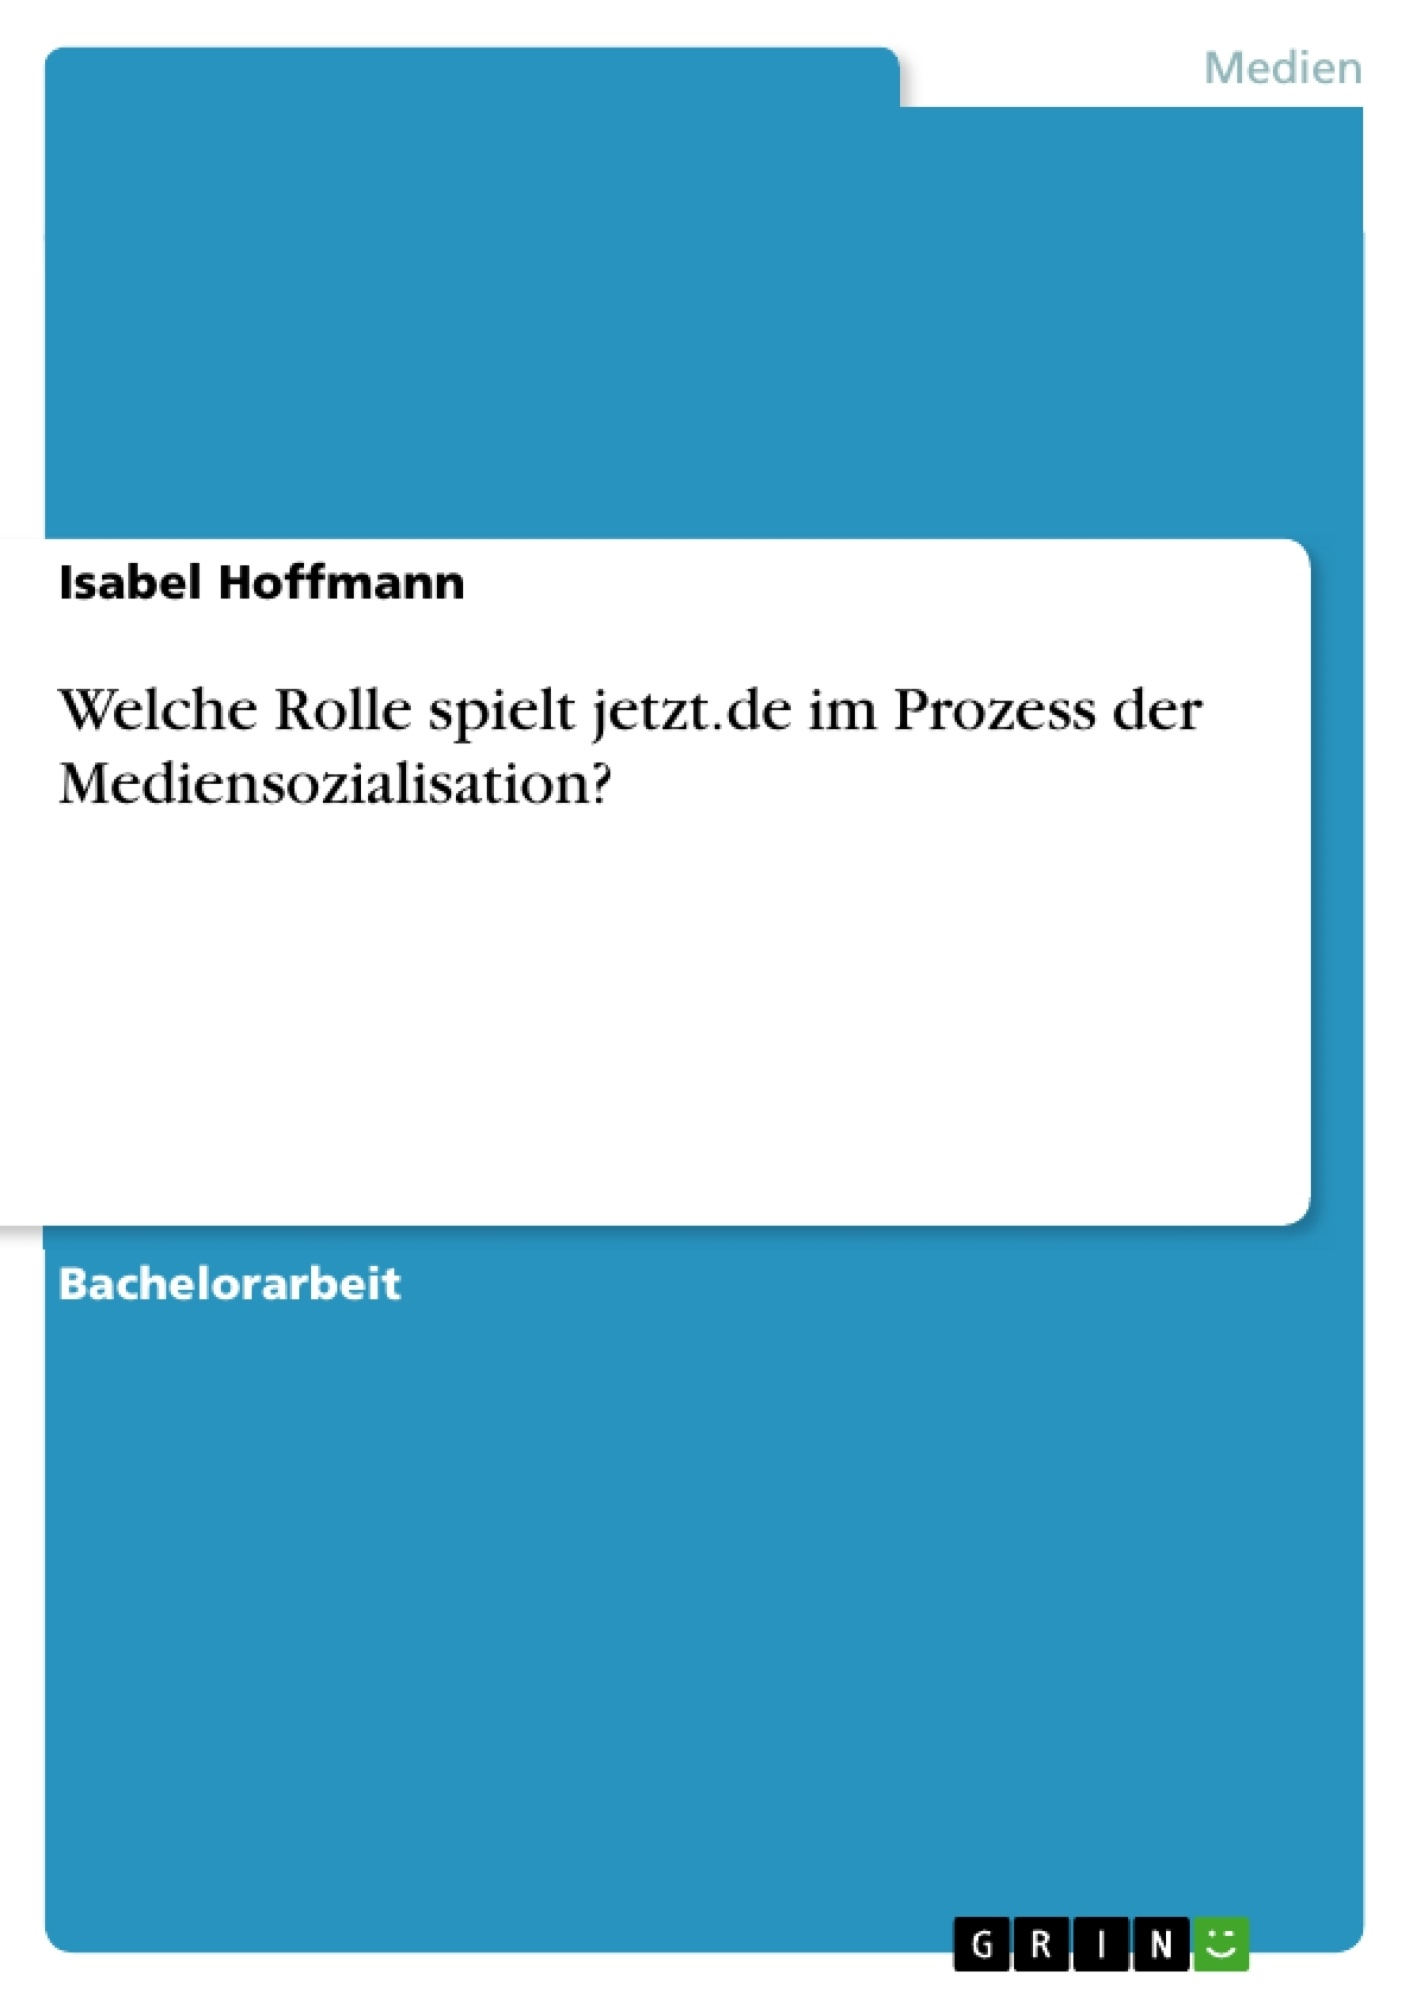 Titel: Welche Rolle spielt jetzt.de im Prozess der Mediensozialisation?